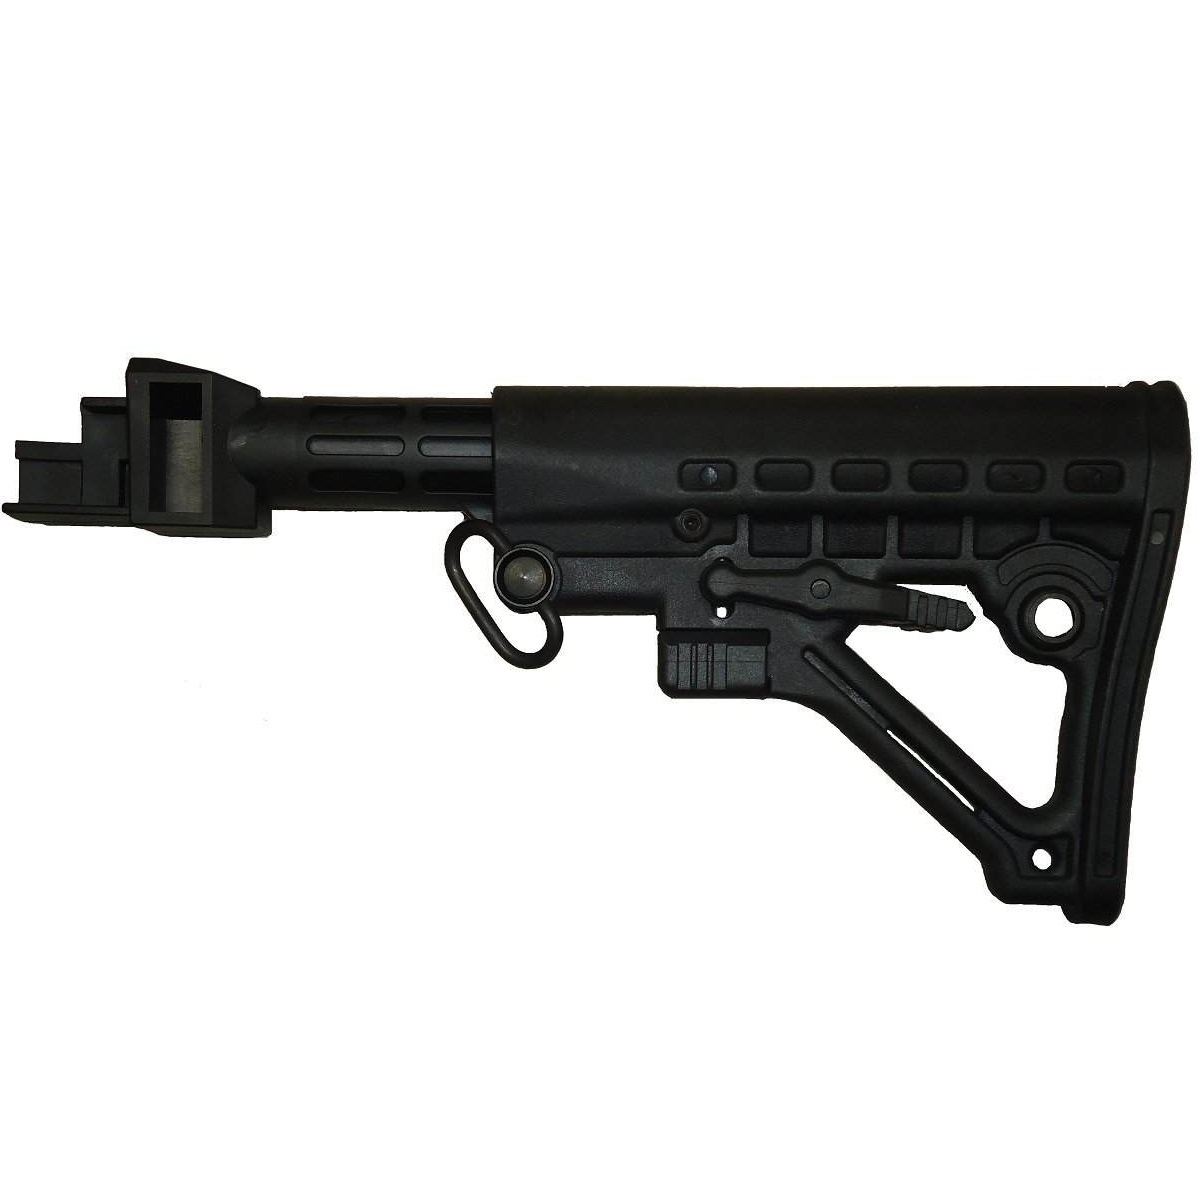 Ak 47 80 receiver - Tactical Black Stock Kit For Ak 47 Ak47 Ak 74 7 62x39 Stamped Receiver